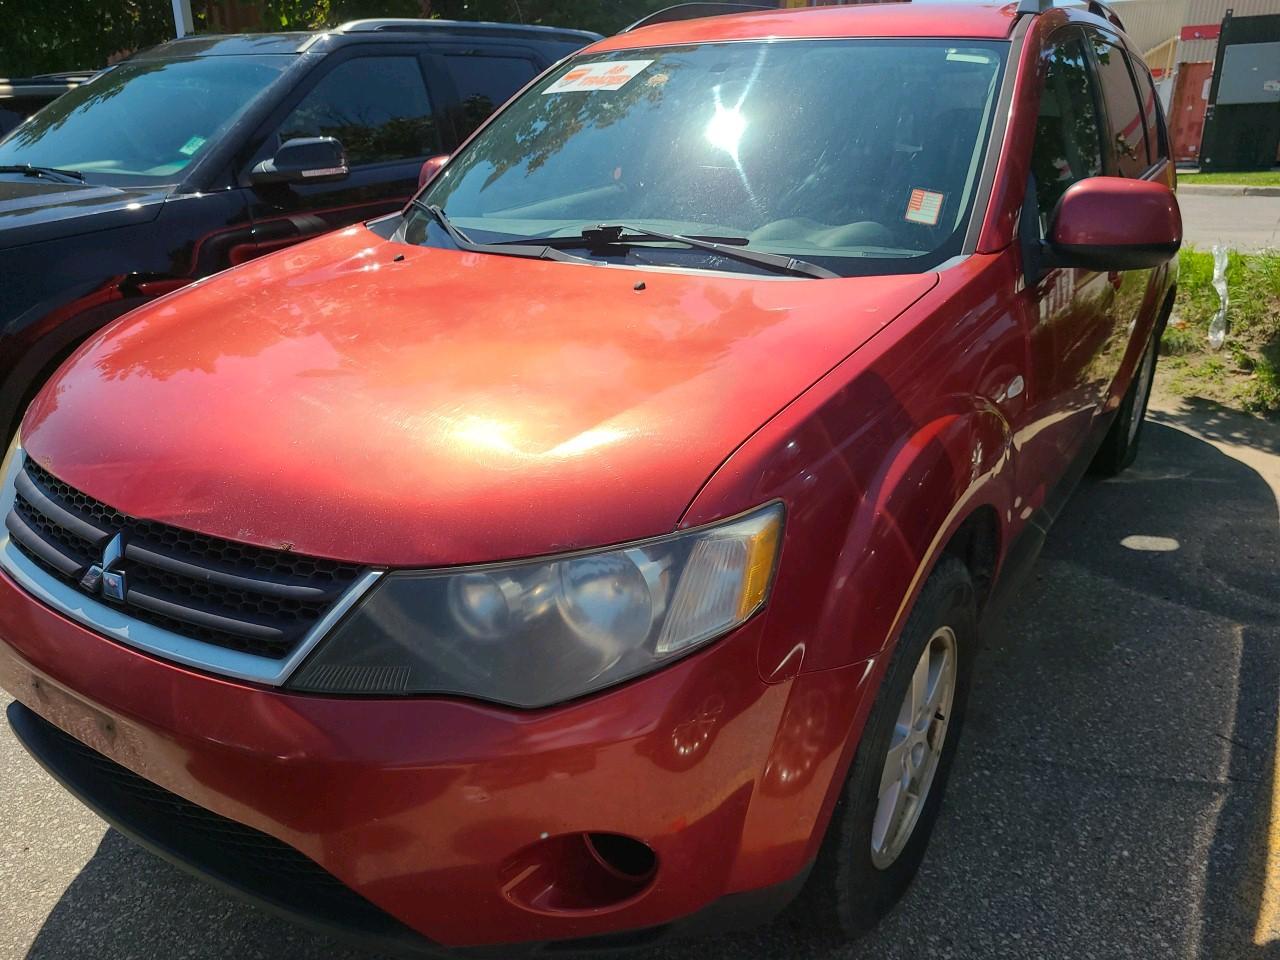 used 2009 Mitsubishi Outlander car, priced at $4,500